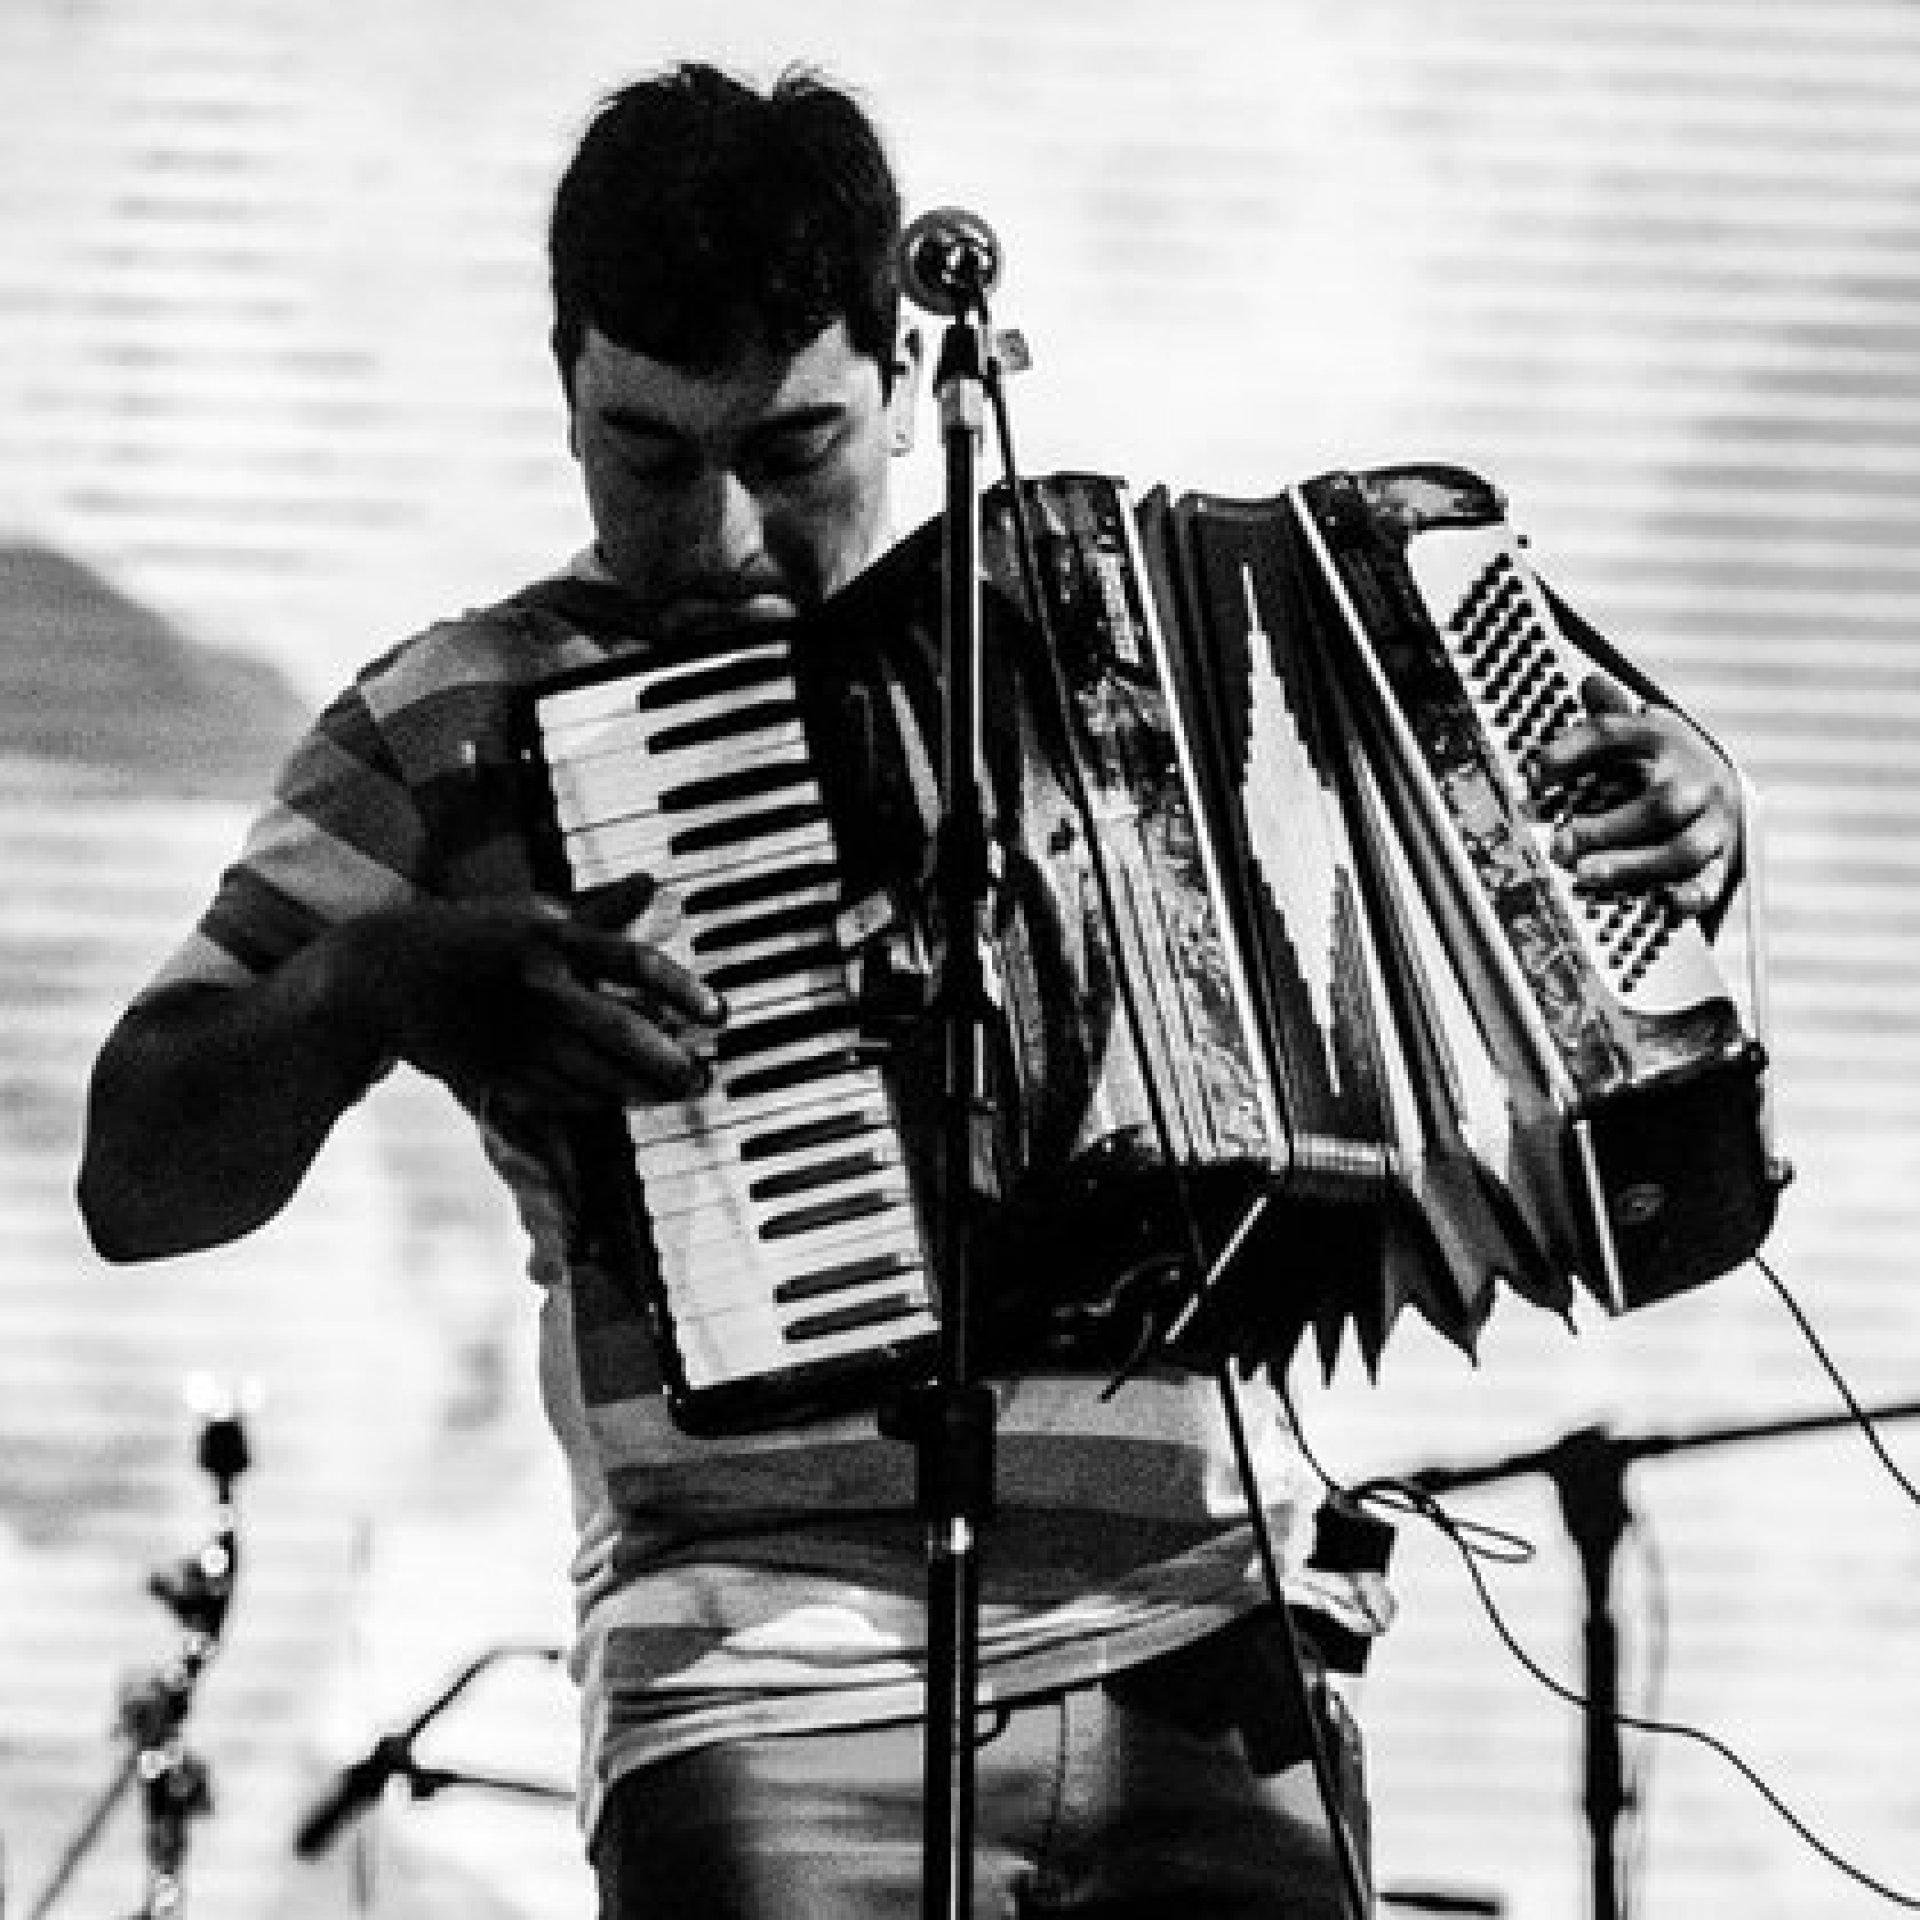 Bautista Quintriqueo es un conocido acordeonista de LA Angostura. Solía tocar en peñas folclóricas de la región (Facebook)